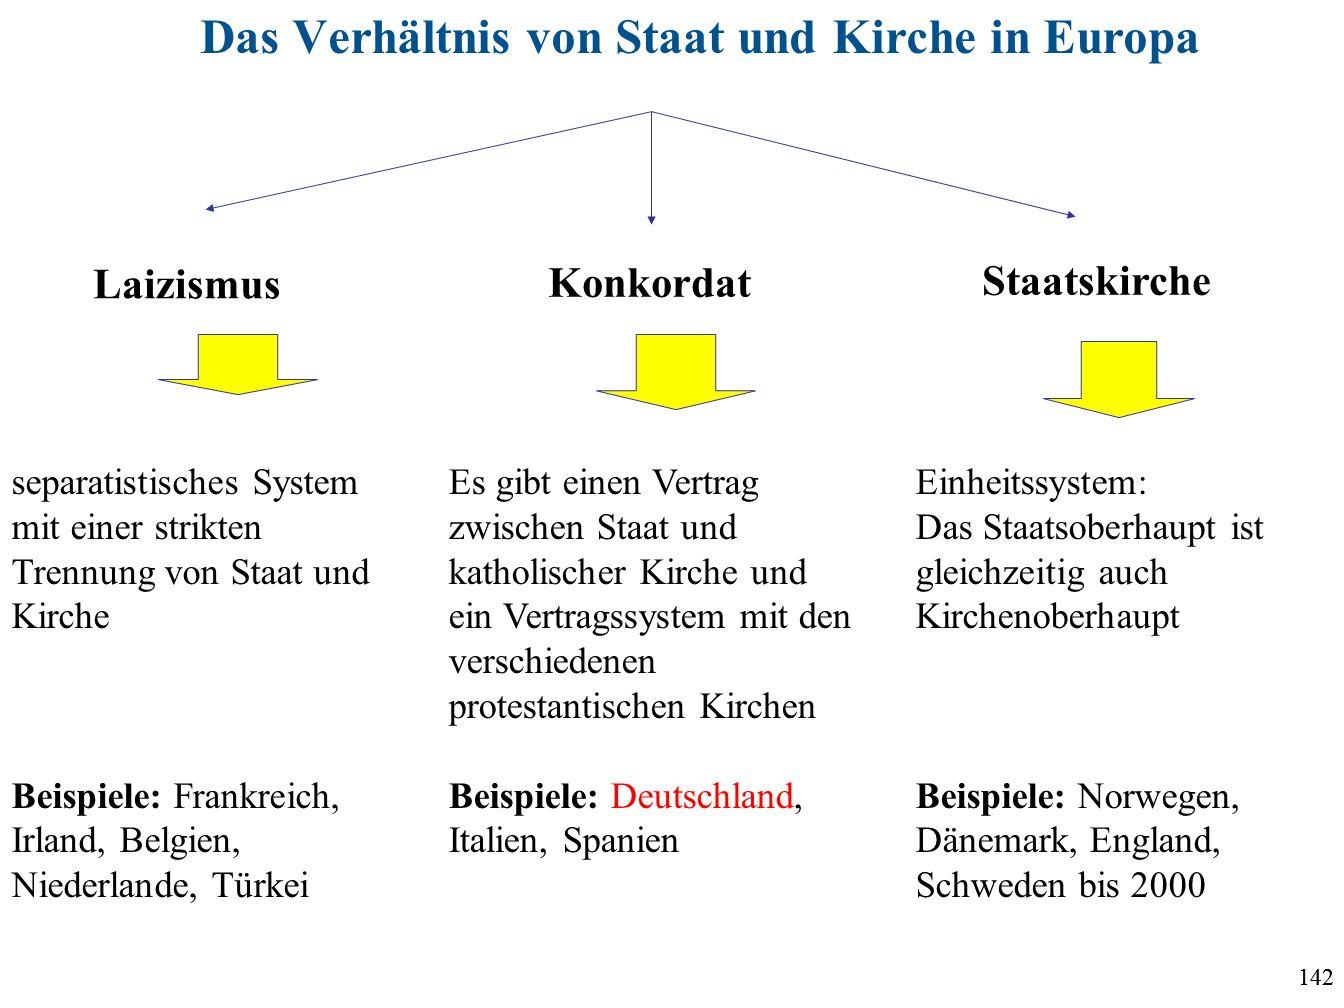 Das Verhältnis von Staat und Kirche in Europa